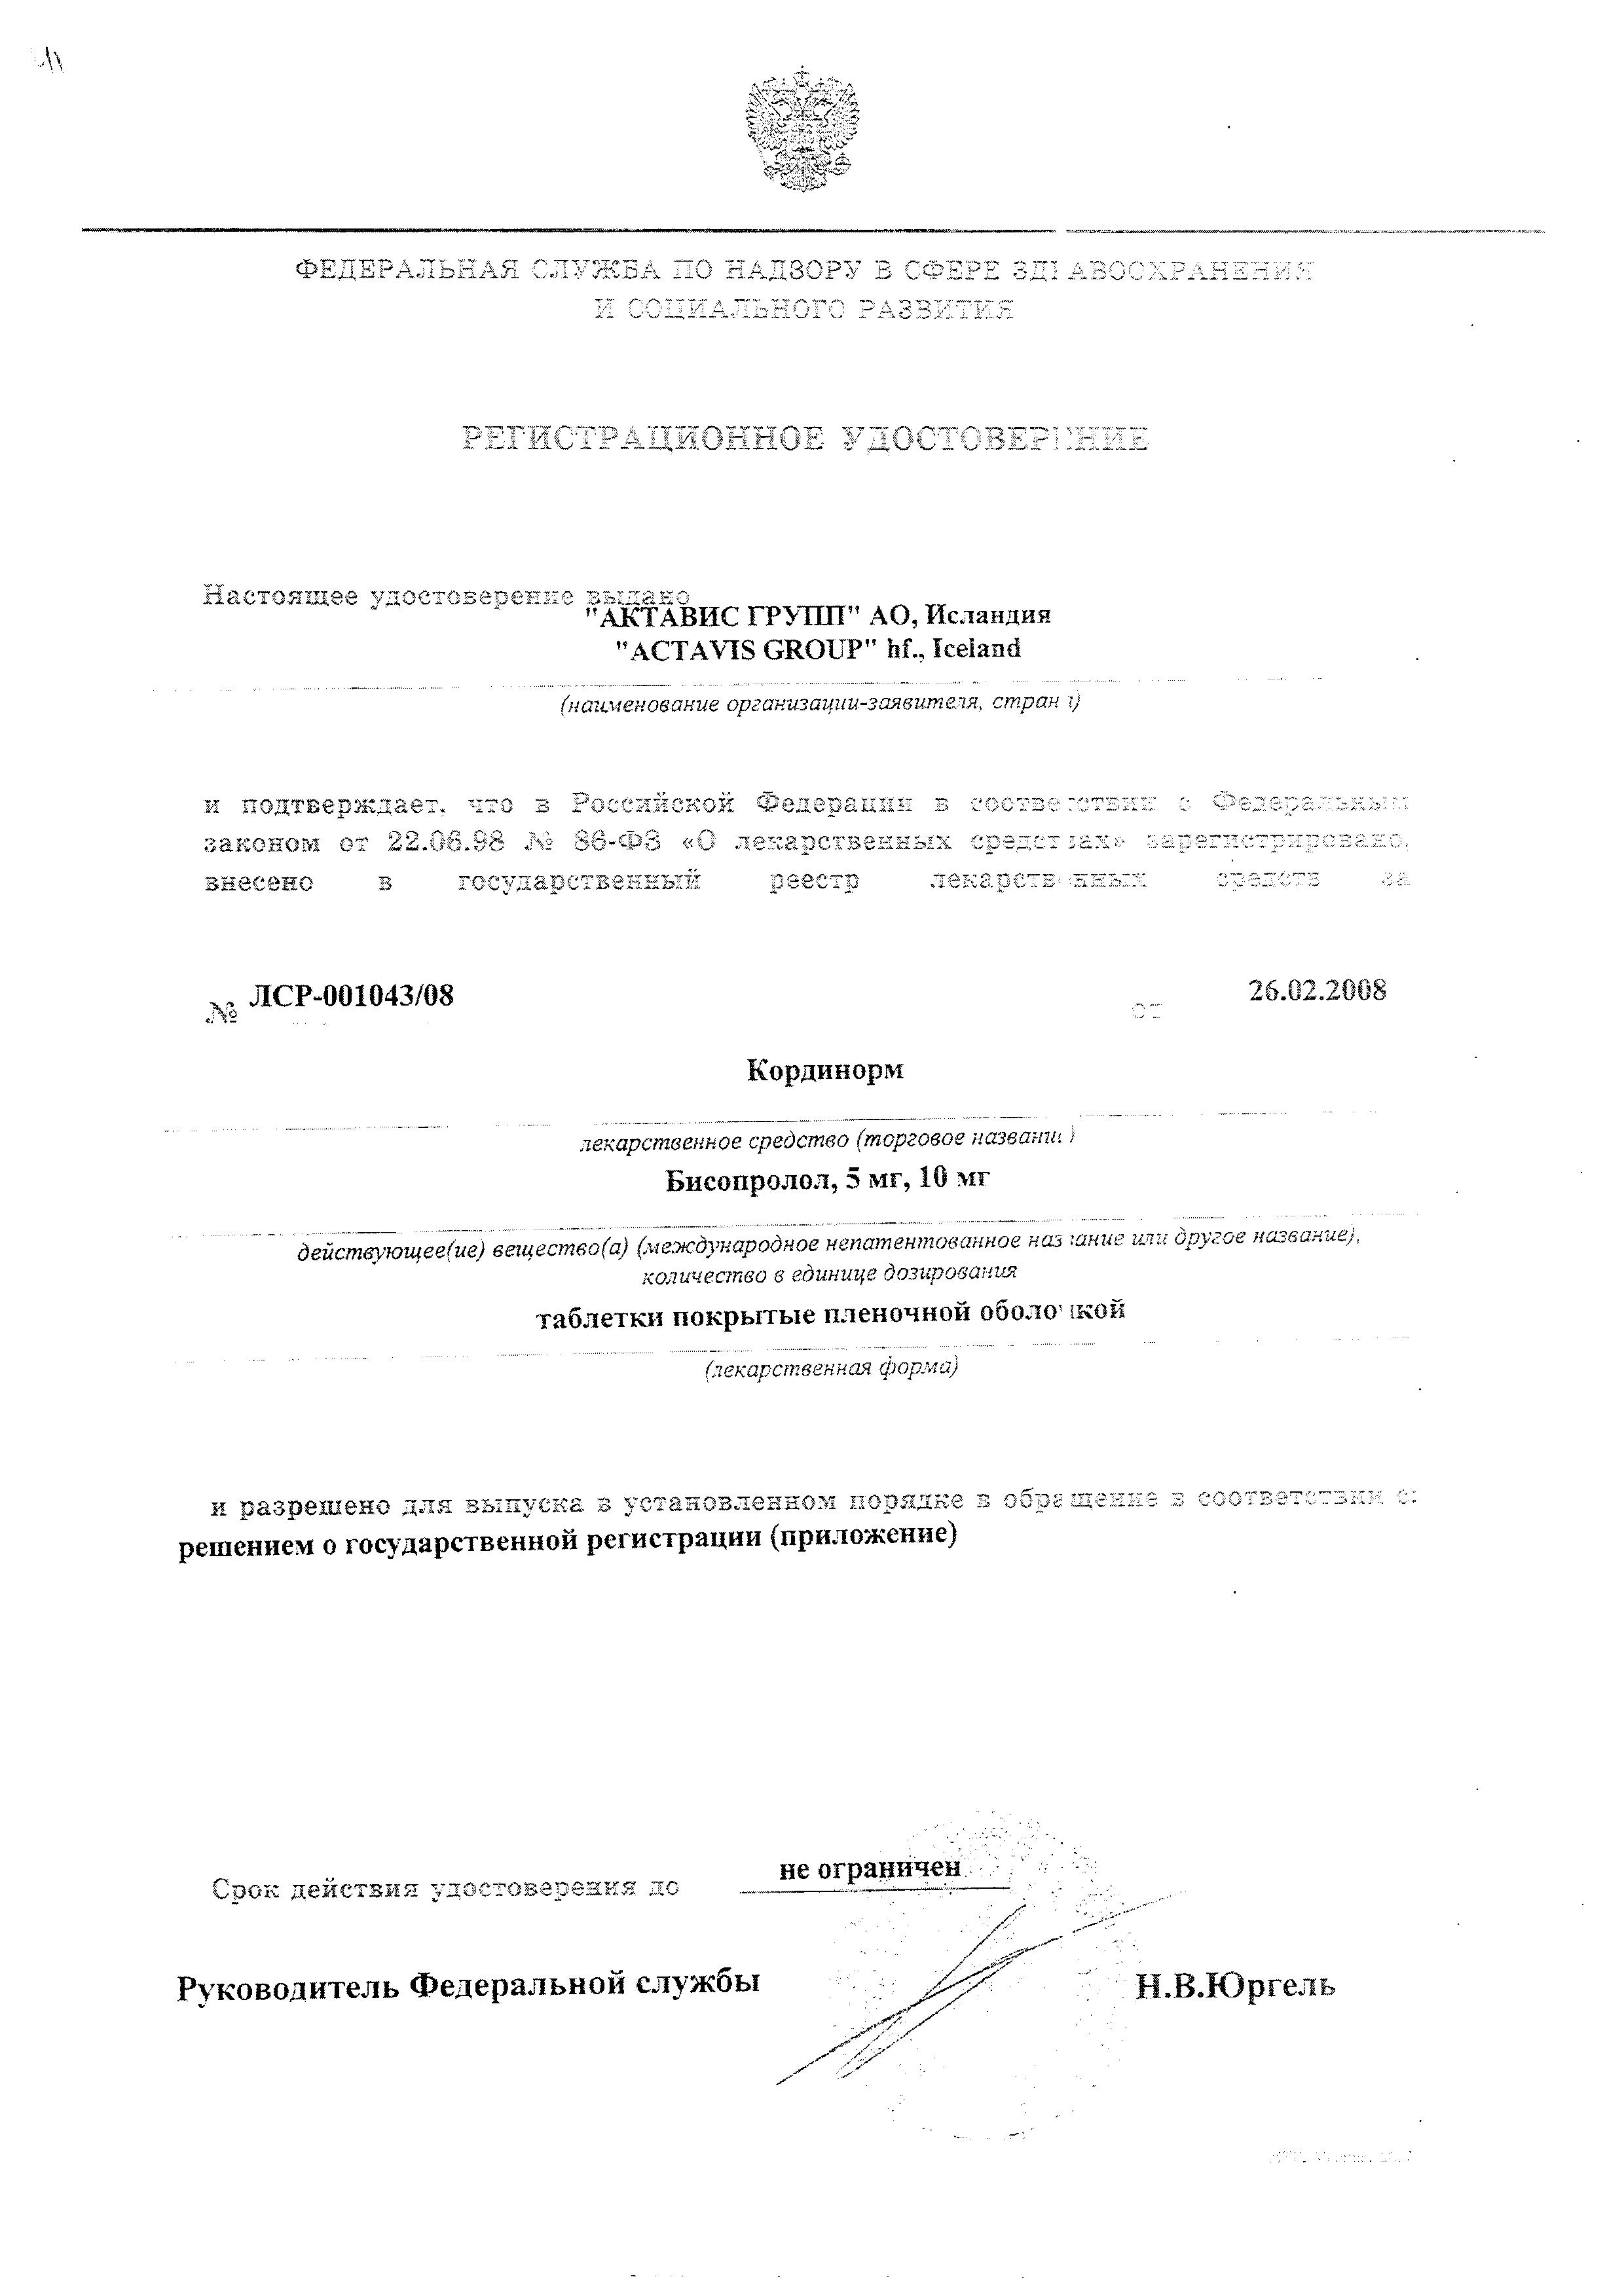 Кординорм сертификат